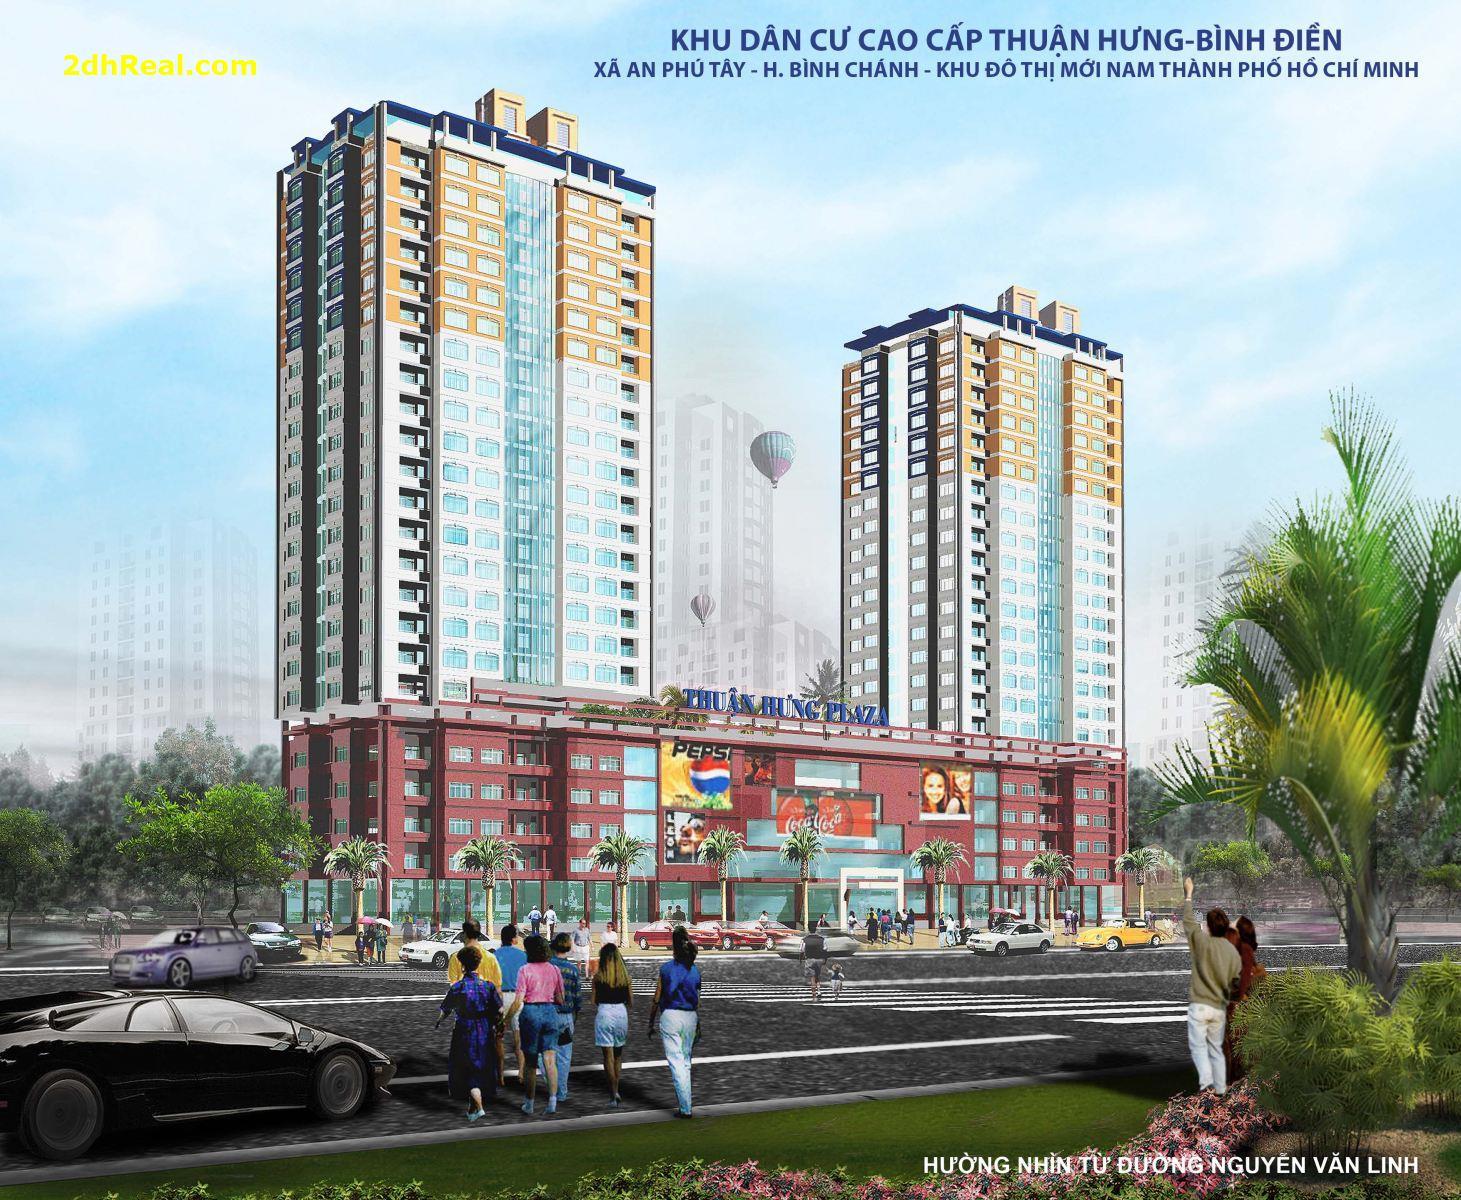 Chuyển nhượng khu Đất 2,2 ha với dự án khu dân cư cao cấp @ : xã An Phú Tây – huyện Bình Chánh – TP.HCM